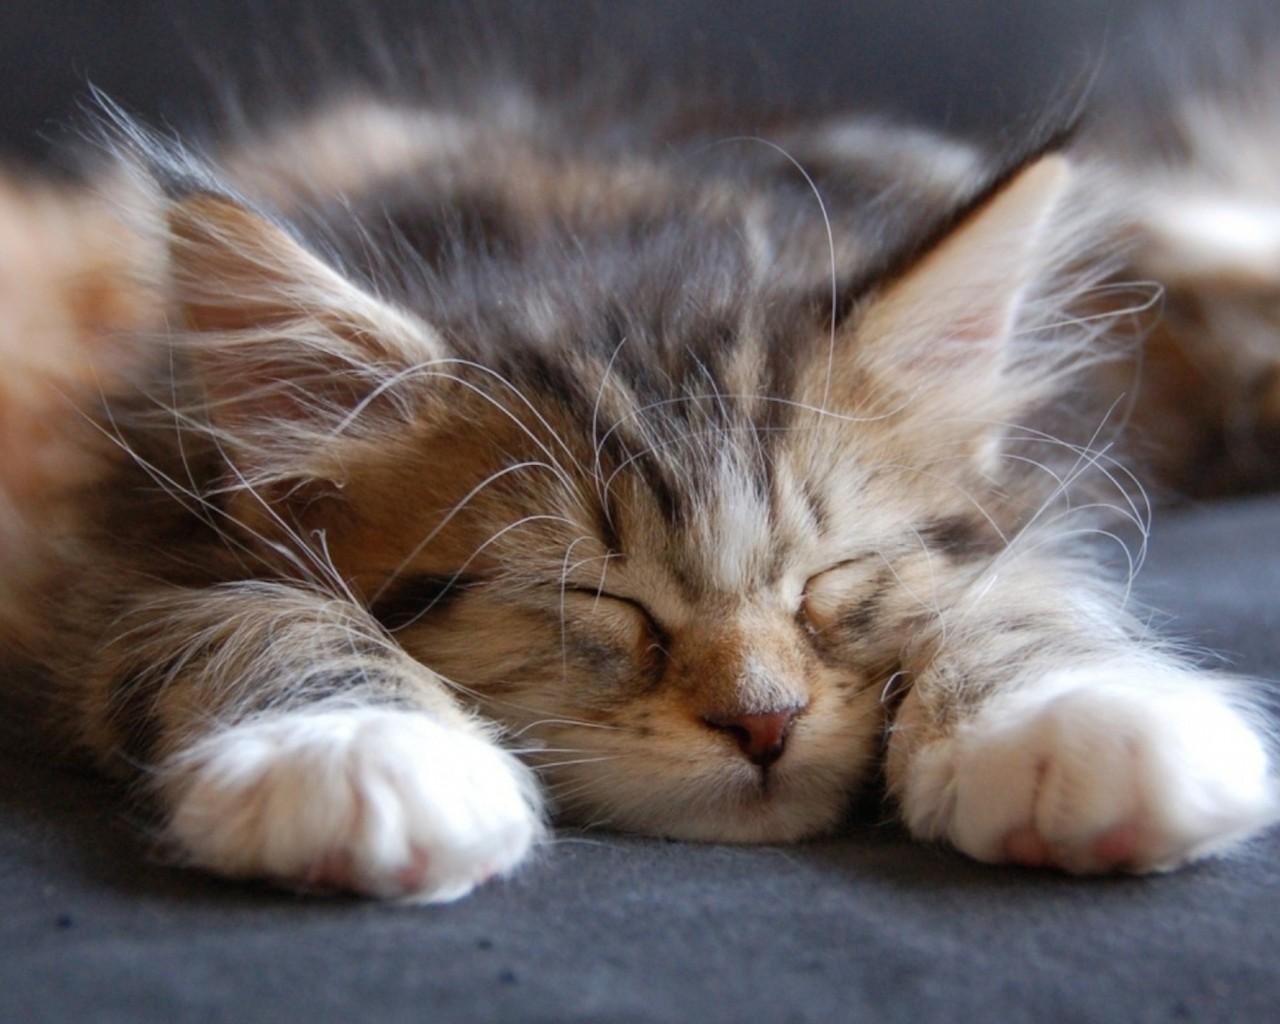 Cute Cat Wallpapers High Resolution Cute Maine Coon Kitten Sleeping Wallpaper Hd Free